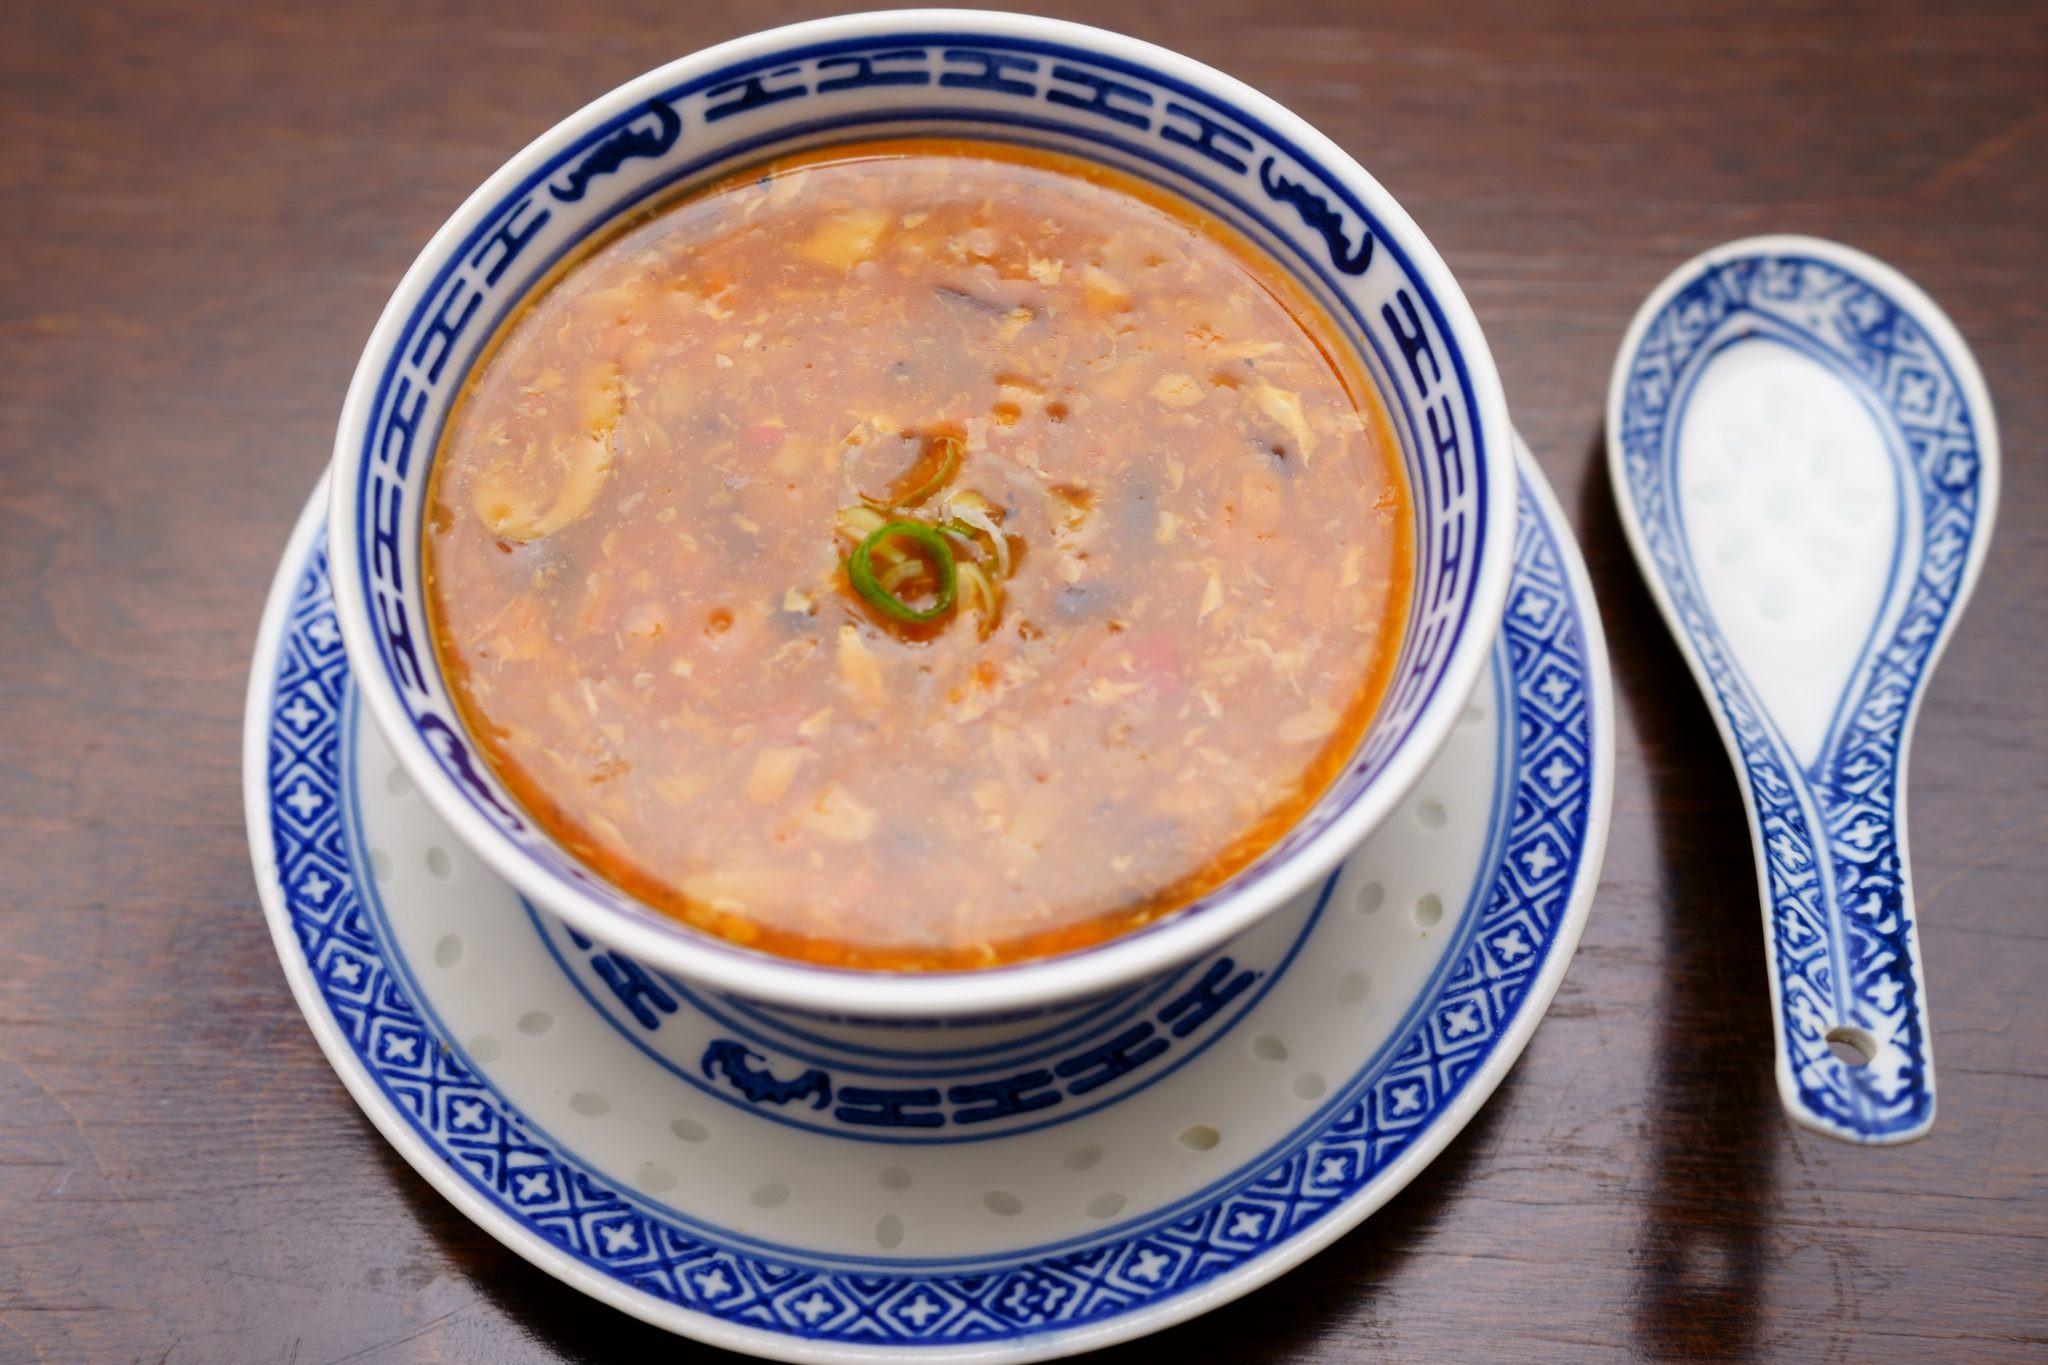 Suppe Für Geburtstagsparty  Sauer Scharf Suppe jetzt zum Mitnehmen für eigene